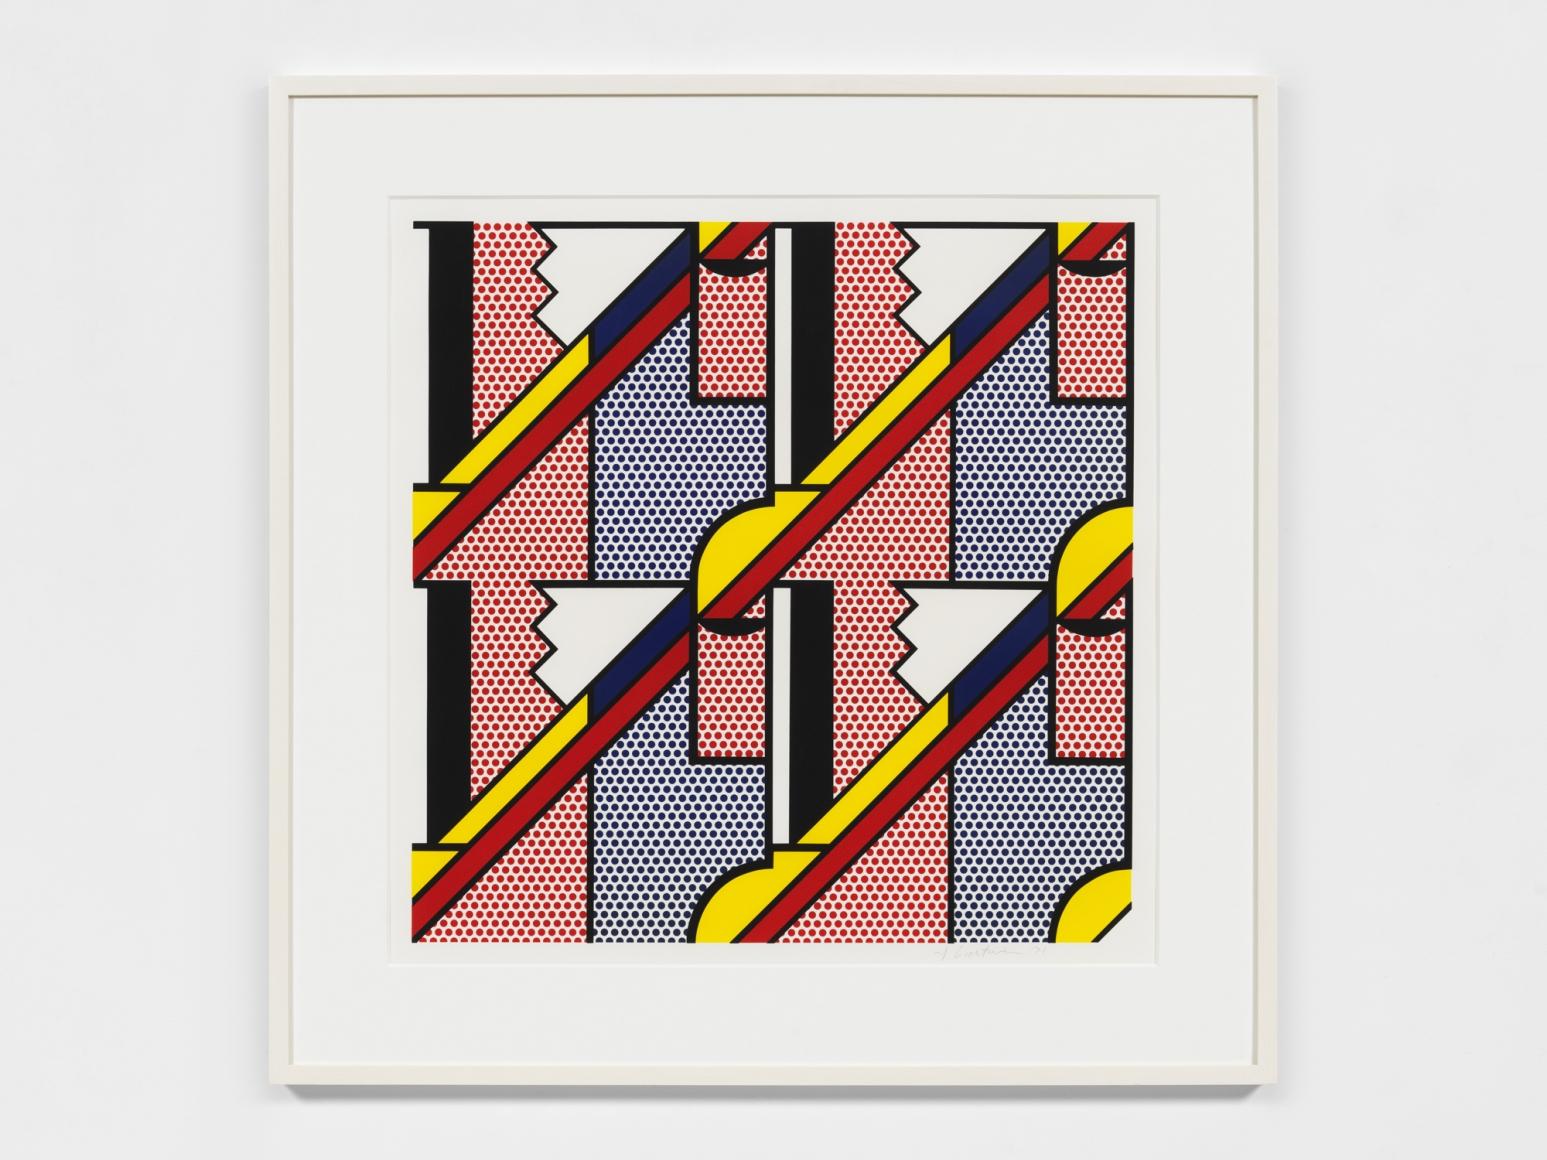 Sam Francis - Artworks - Susan Sheehan Gallery